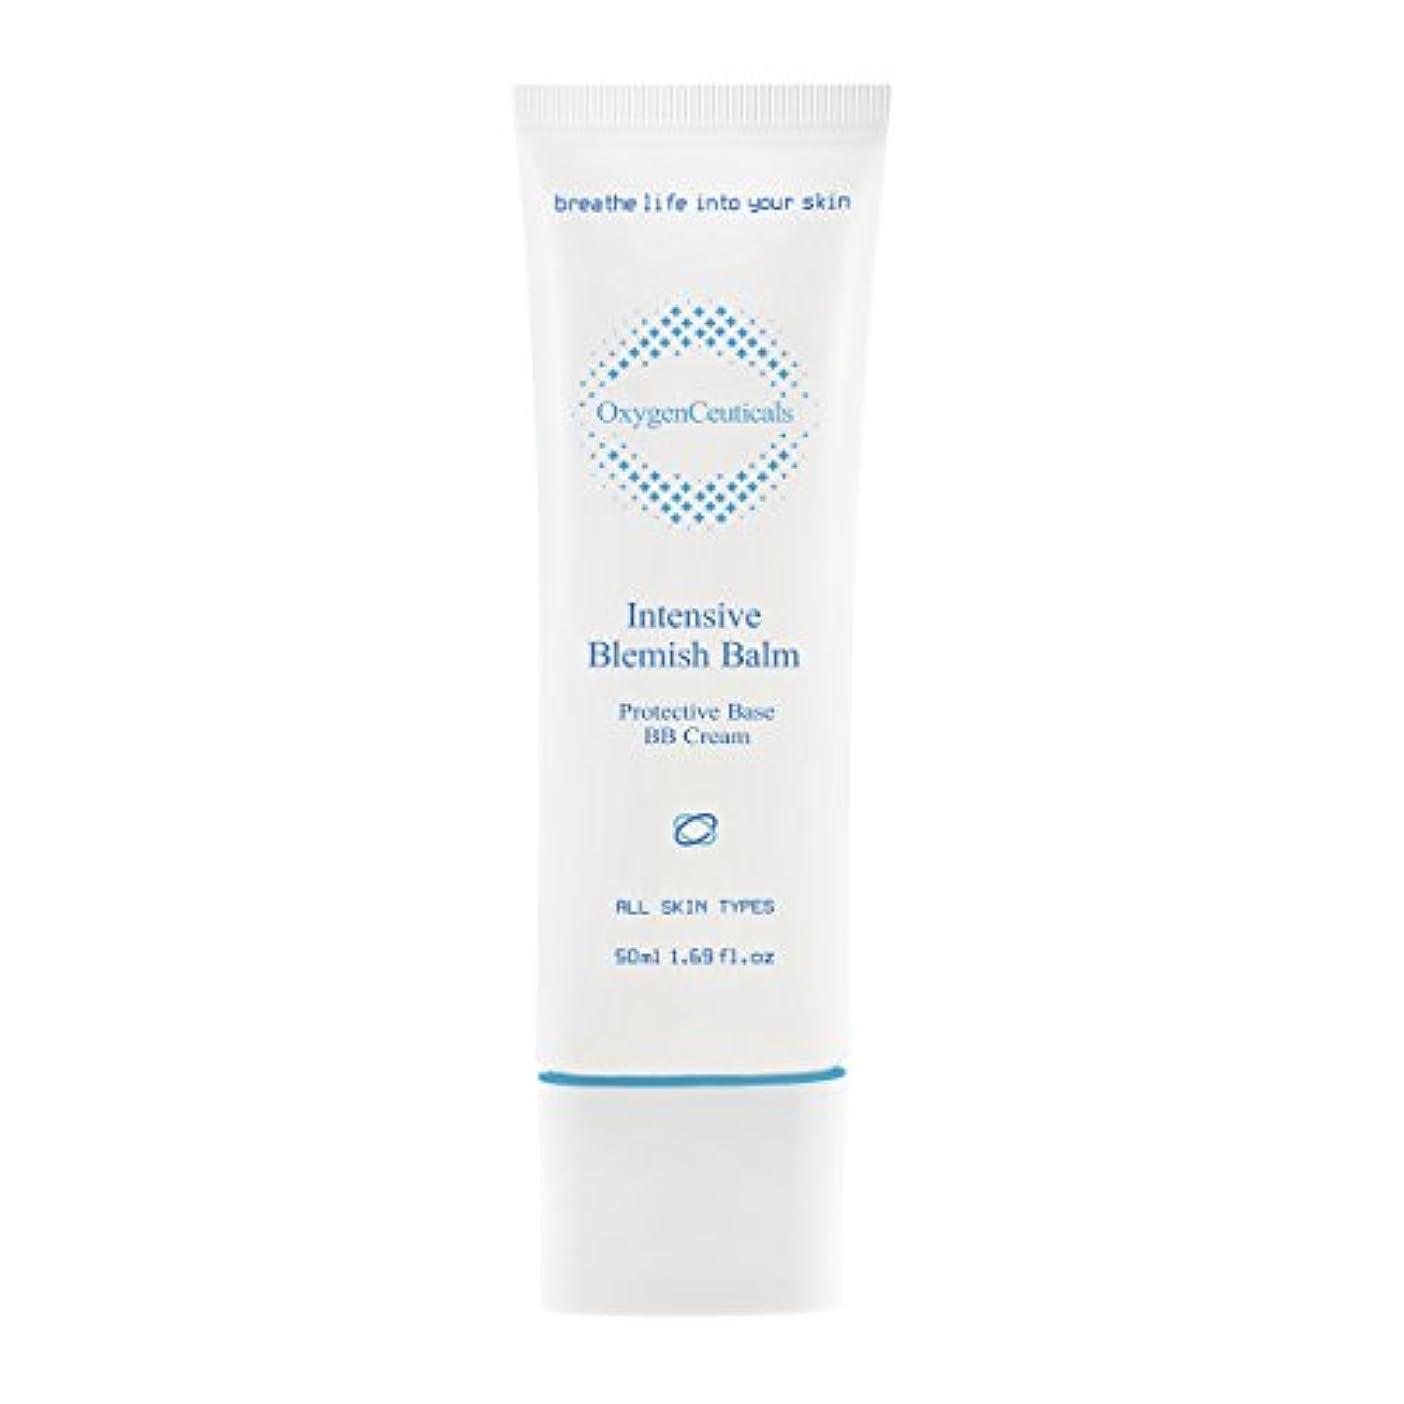 先入観ゴシップ工業化する[ Oxygen Ceuticals ] オキシジェンシューティカルズ 酸素BBクリーム[再.生BB] 50ml. Intensive Blemish Balm(BB Cream) 50ml. X Mask Pack 1p.